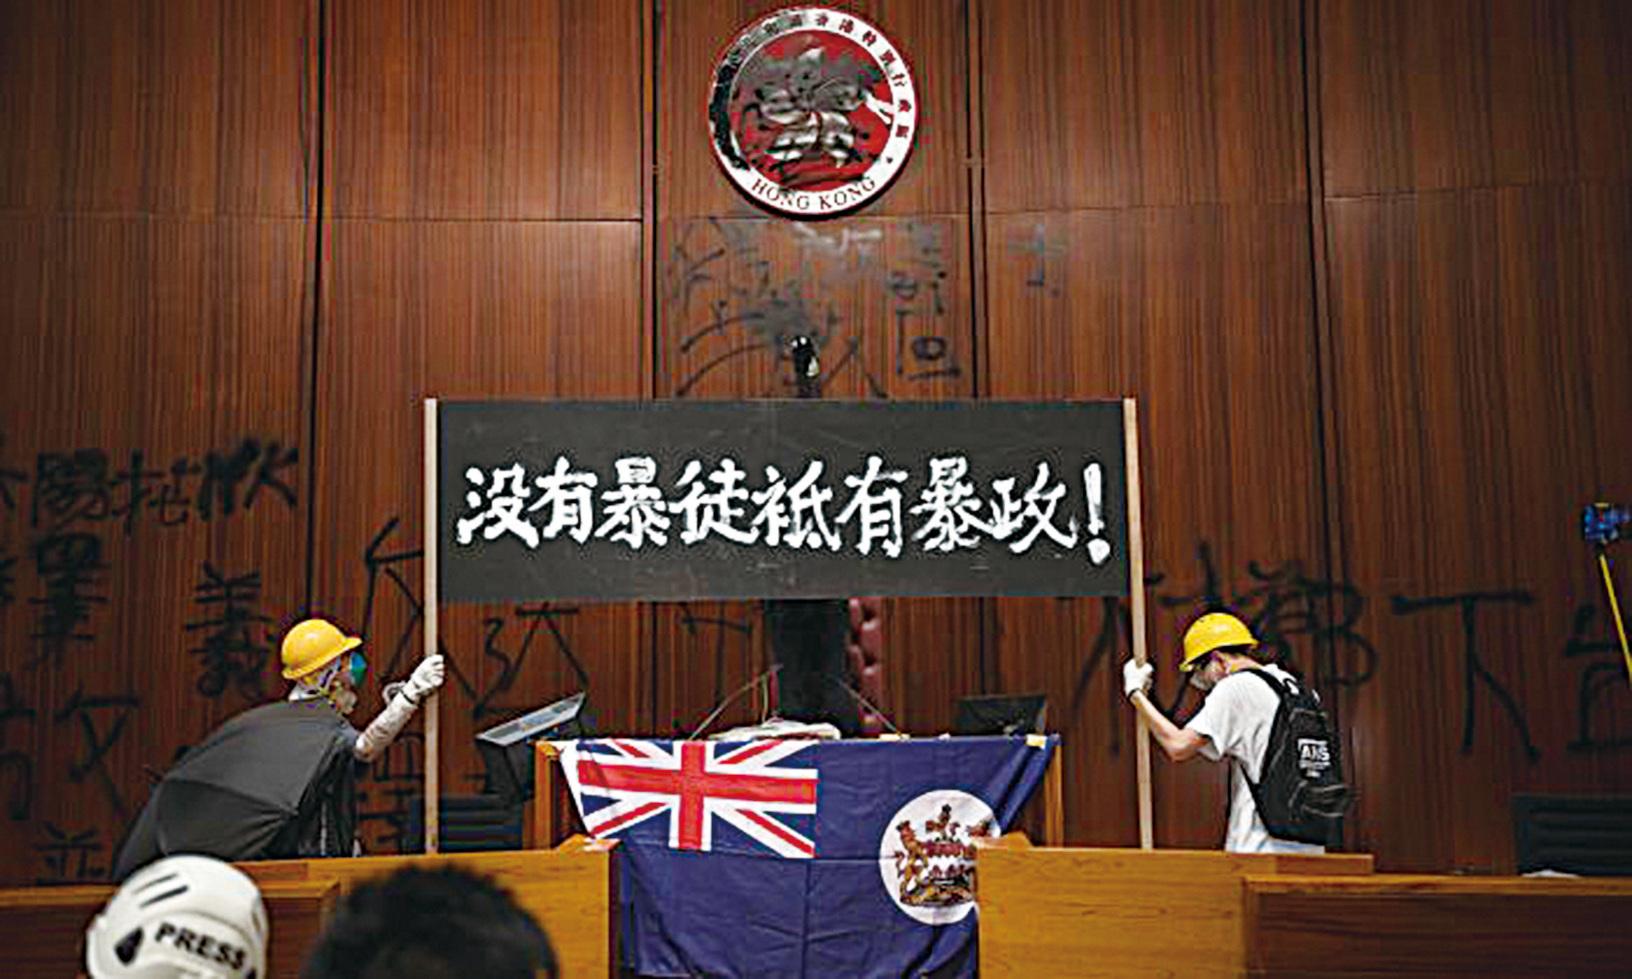 英文《大紀元》專欄作家克里斯斯特萊特(Chriss Street)認為,中美貿易戰或給了香港一個機會。(ANTHONY WALLACE/AFP/Getty Images)